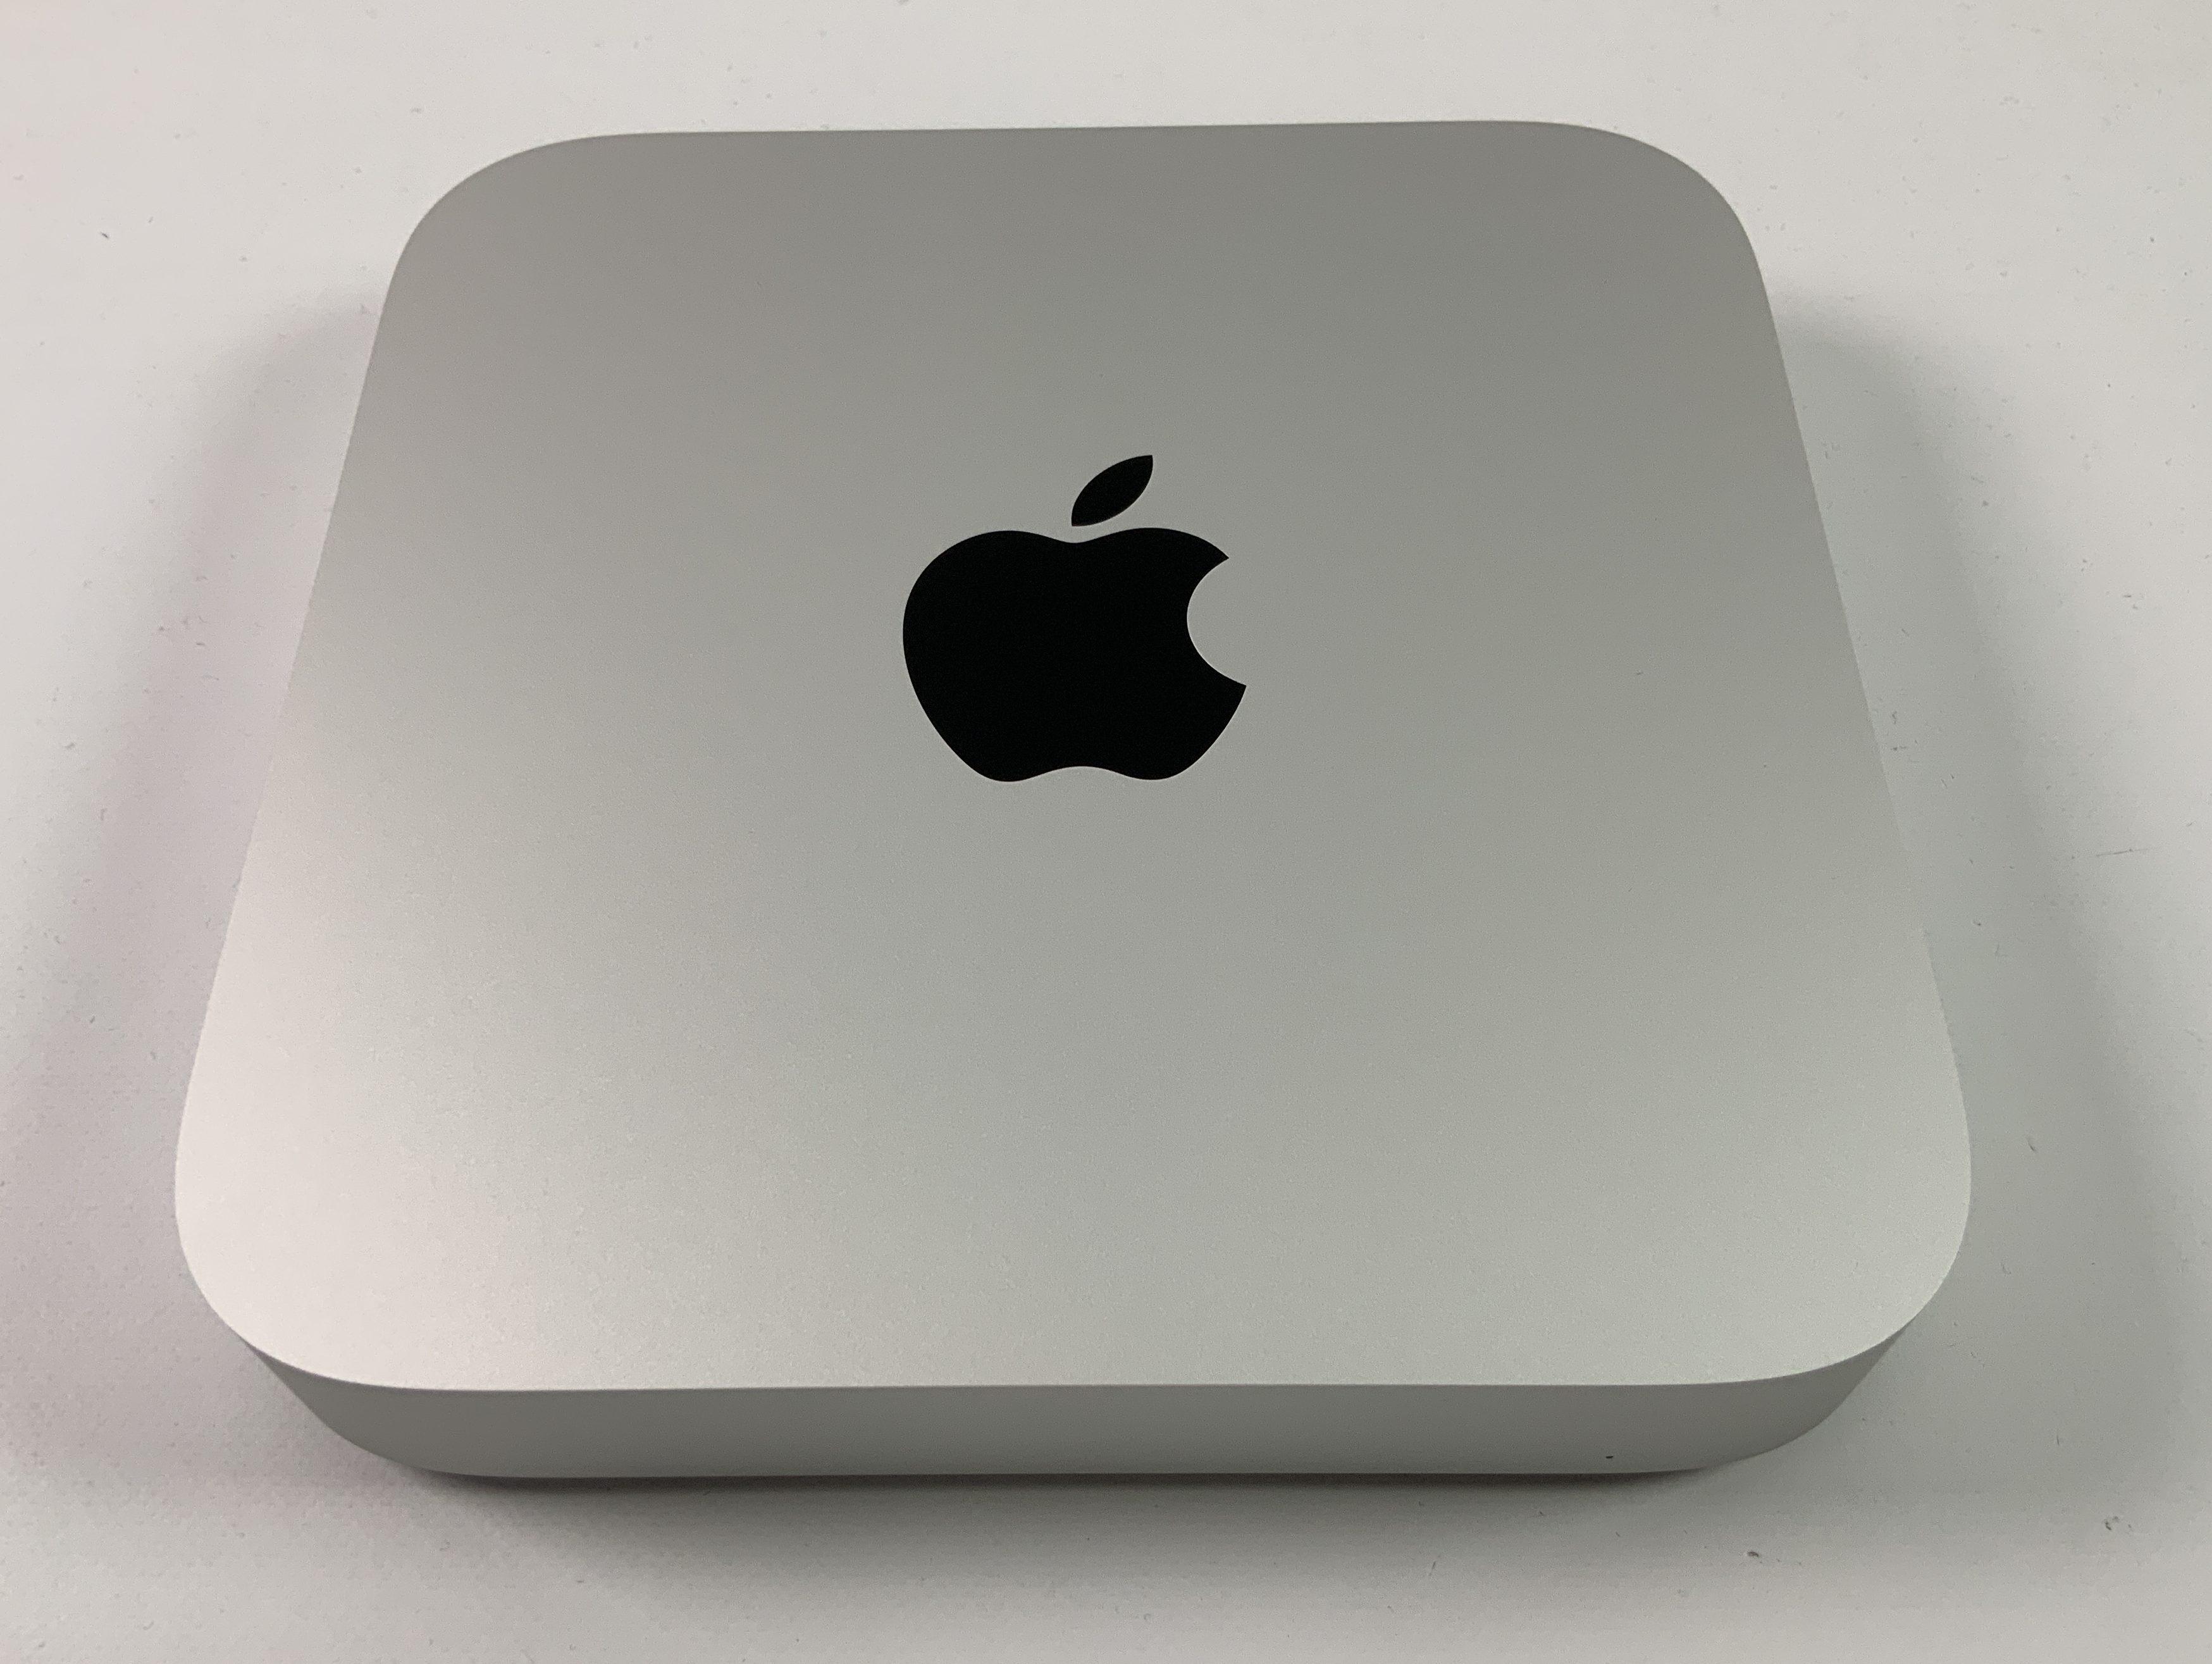 Mac Mini M1 2020 (Apple M1 3.2 GHz 8 GB RAM 512 GB SSD), Apple M1 3.2 GHz, 8 GB RAM, 512 GB SSD, imagen 1